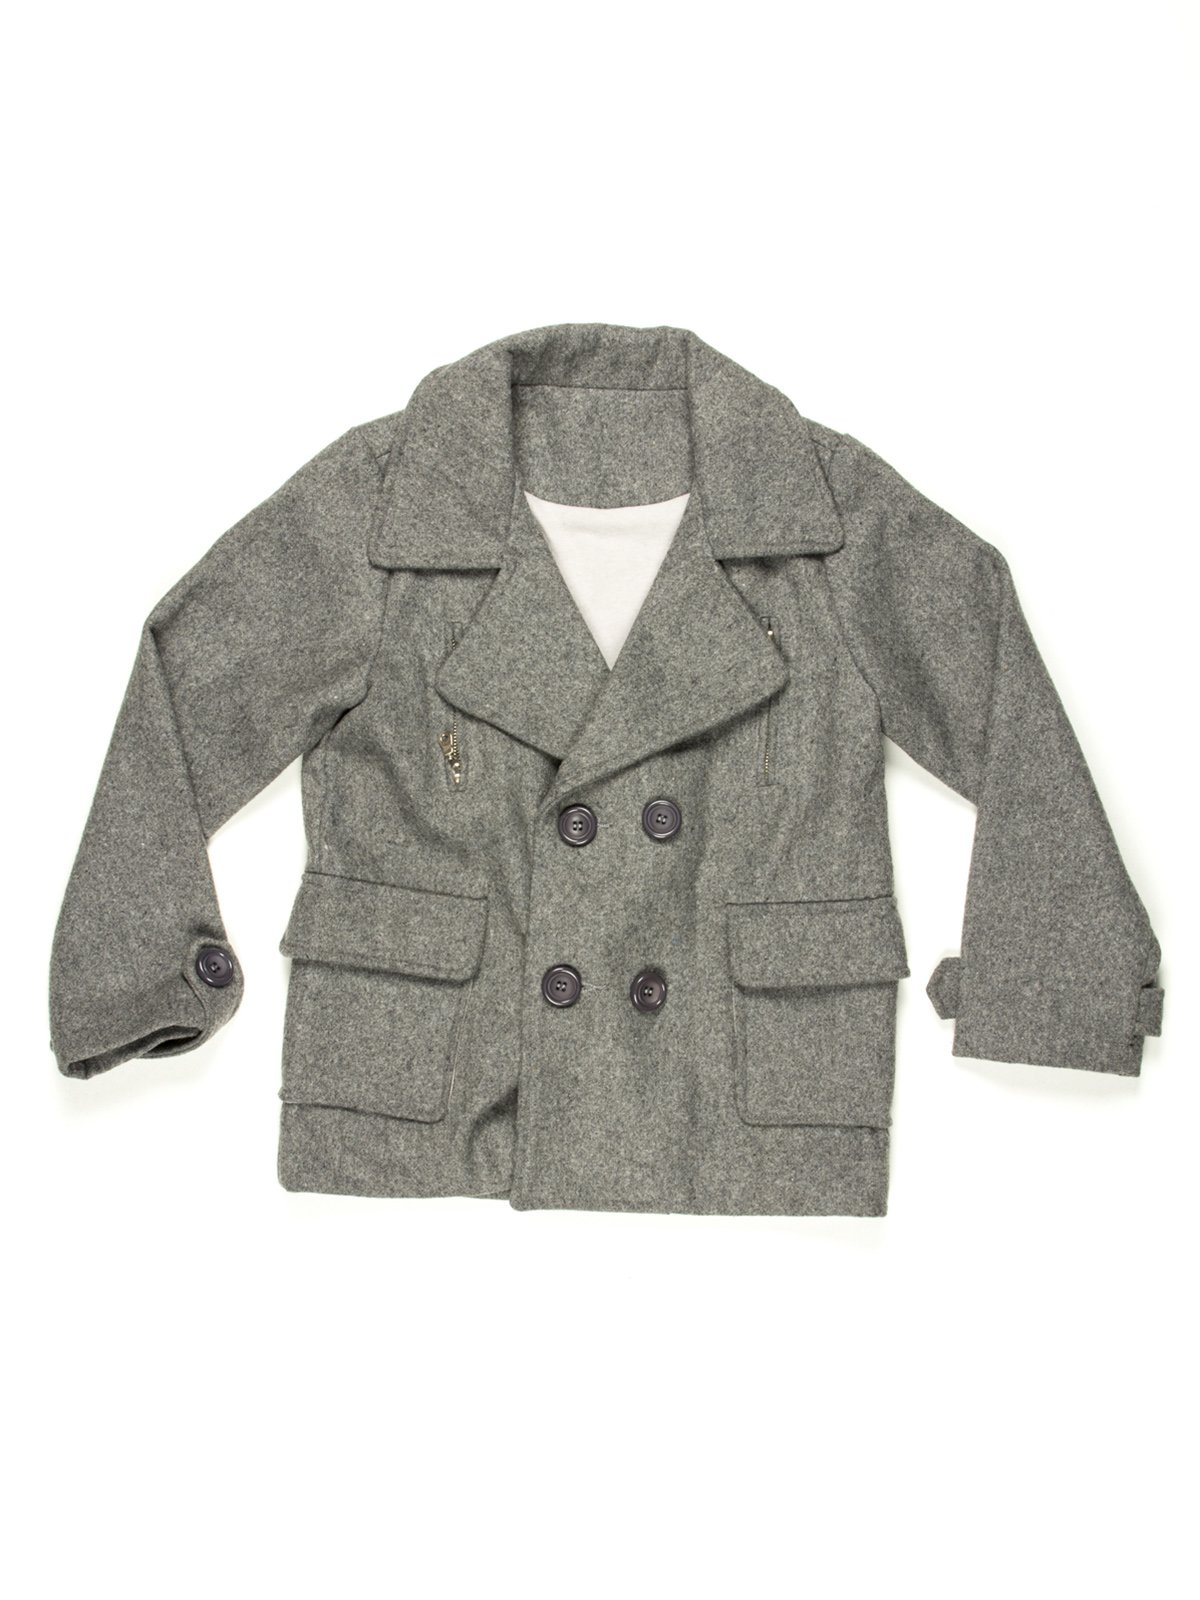 Пальто сіре двобортне   597241